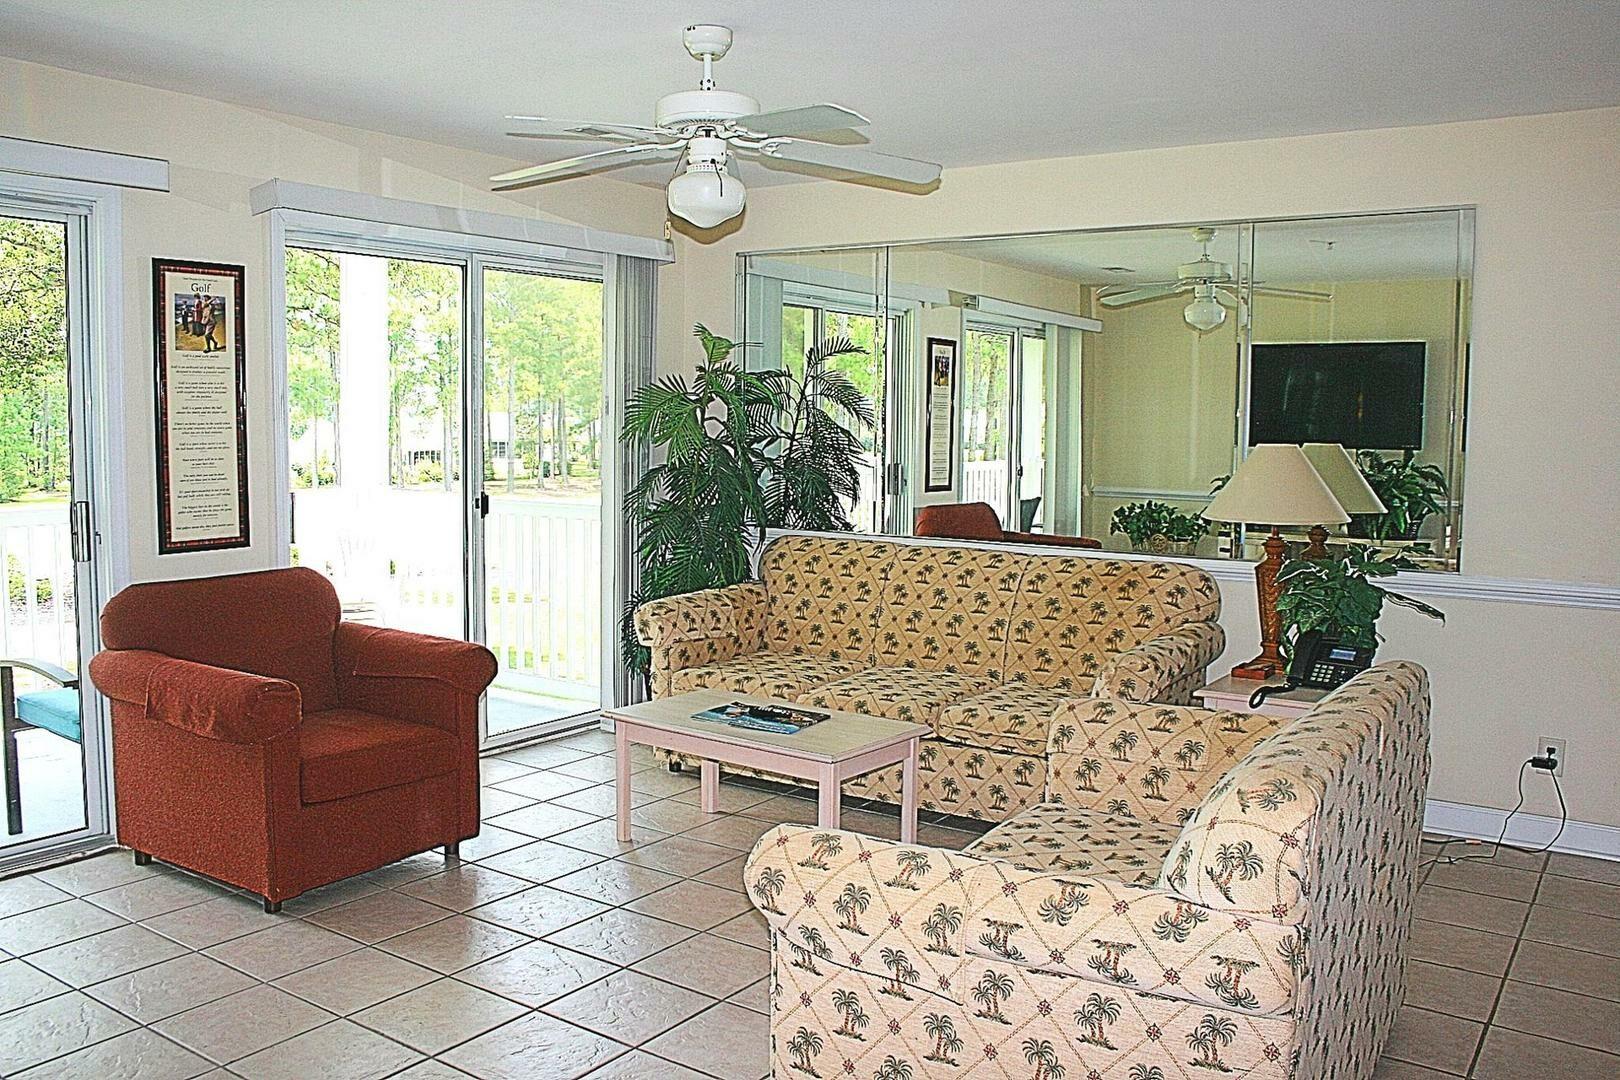 2705M 1 Bedroom/1 Bath Villa